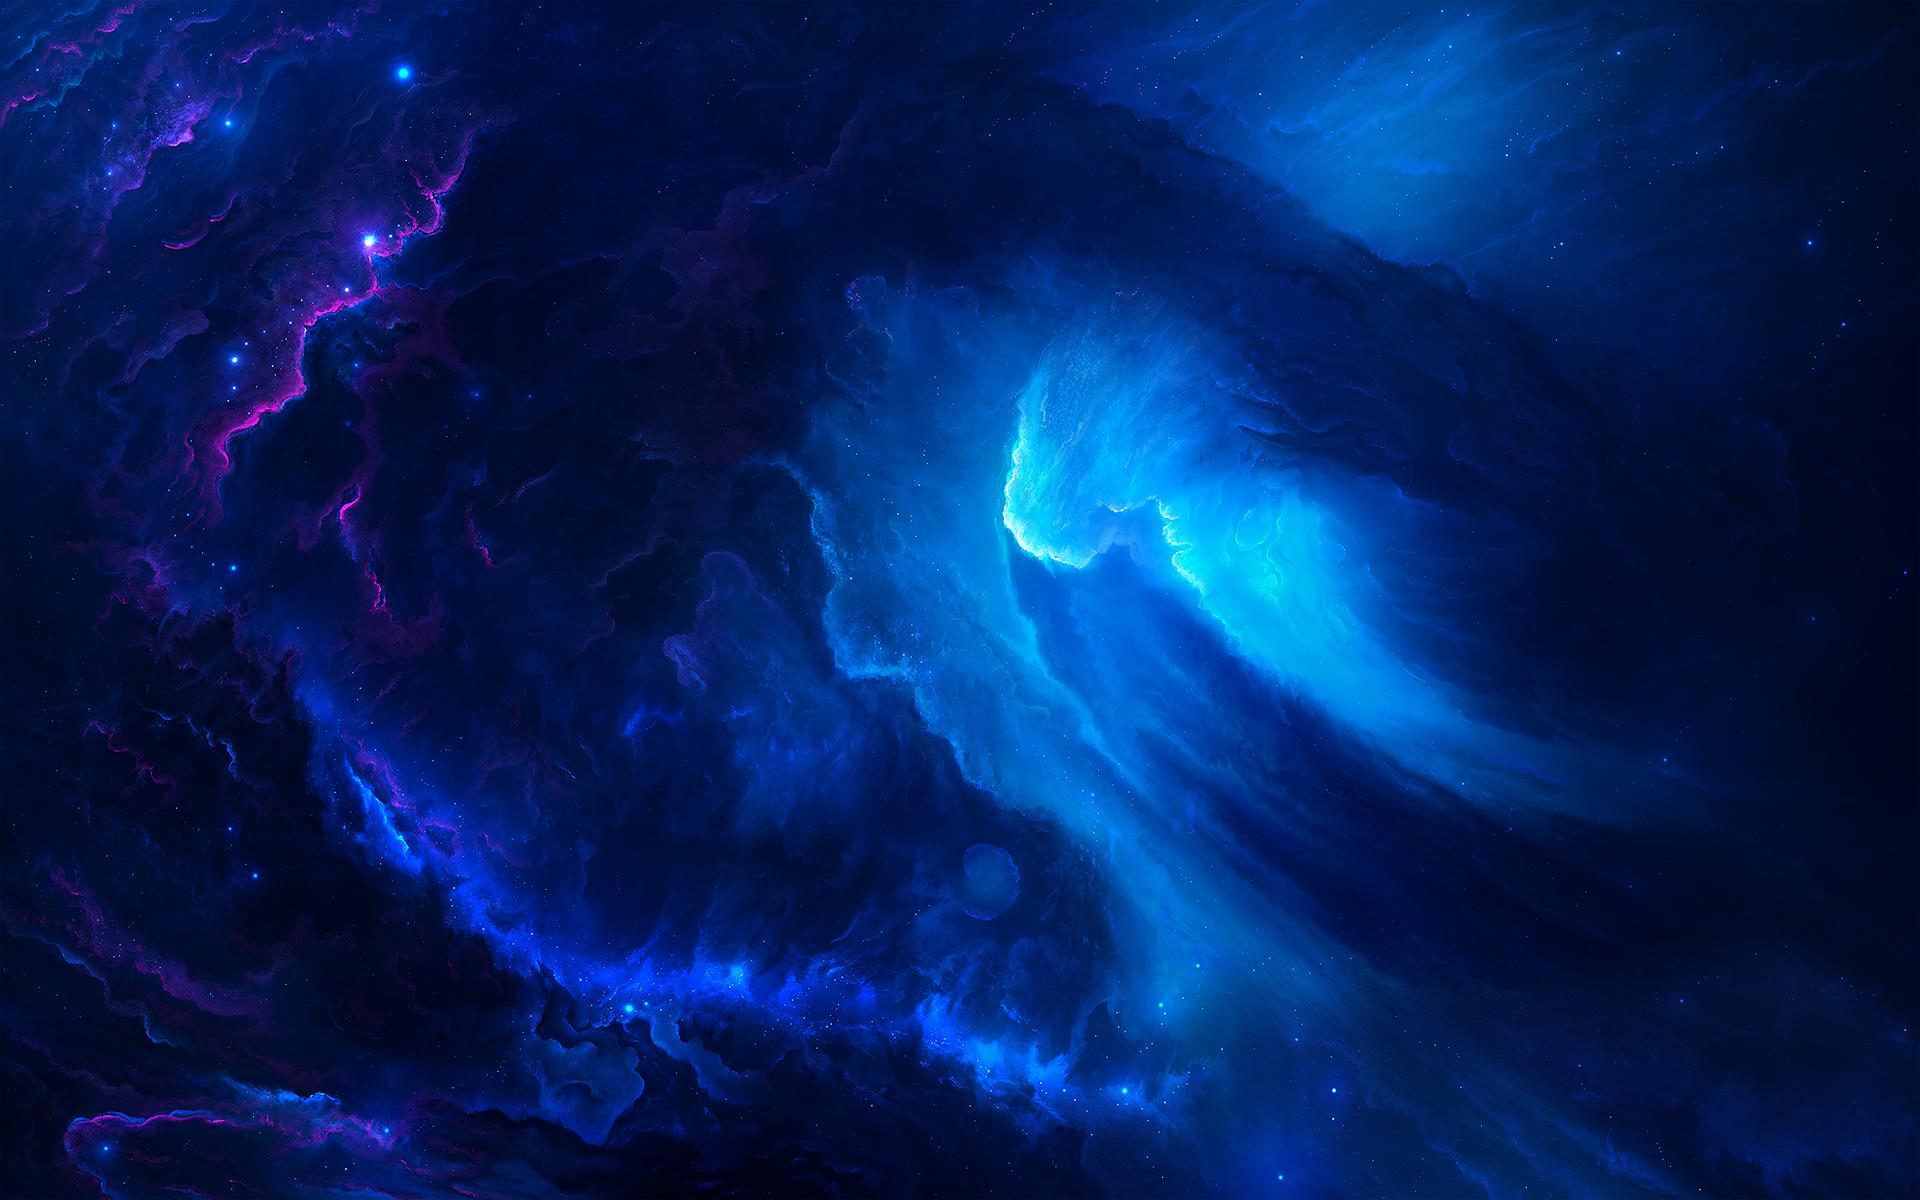 SkyBridge Nebula